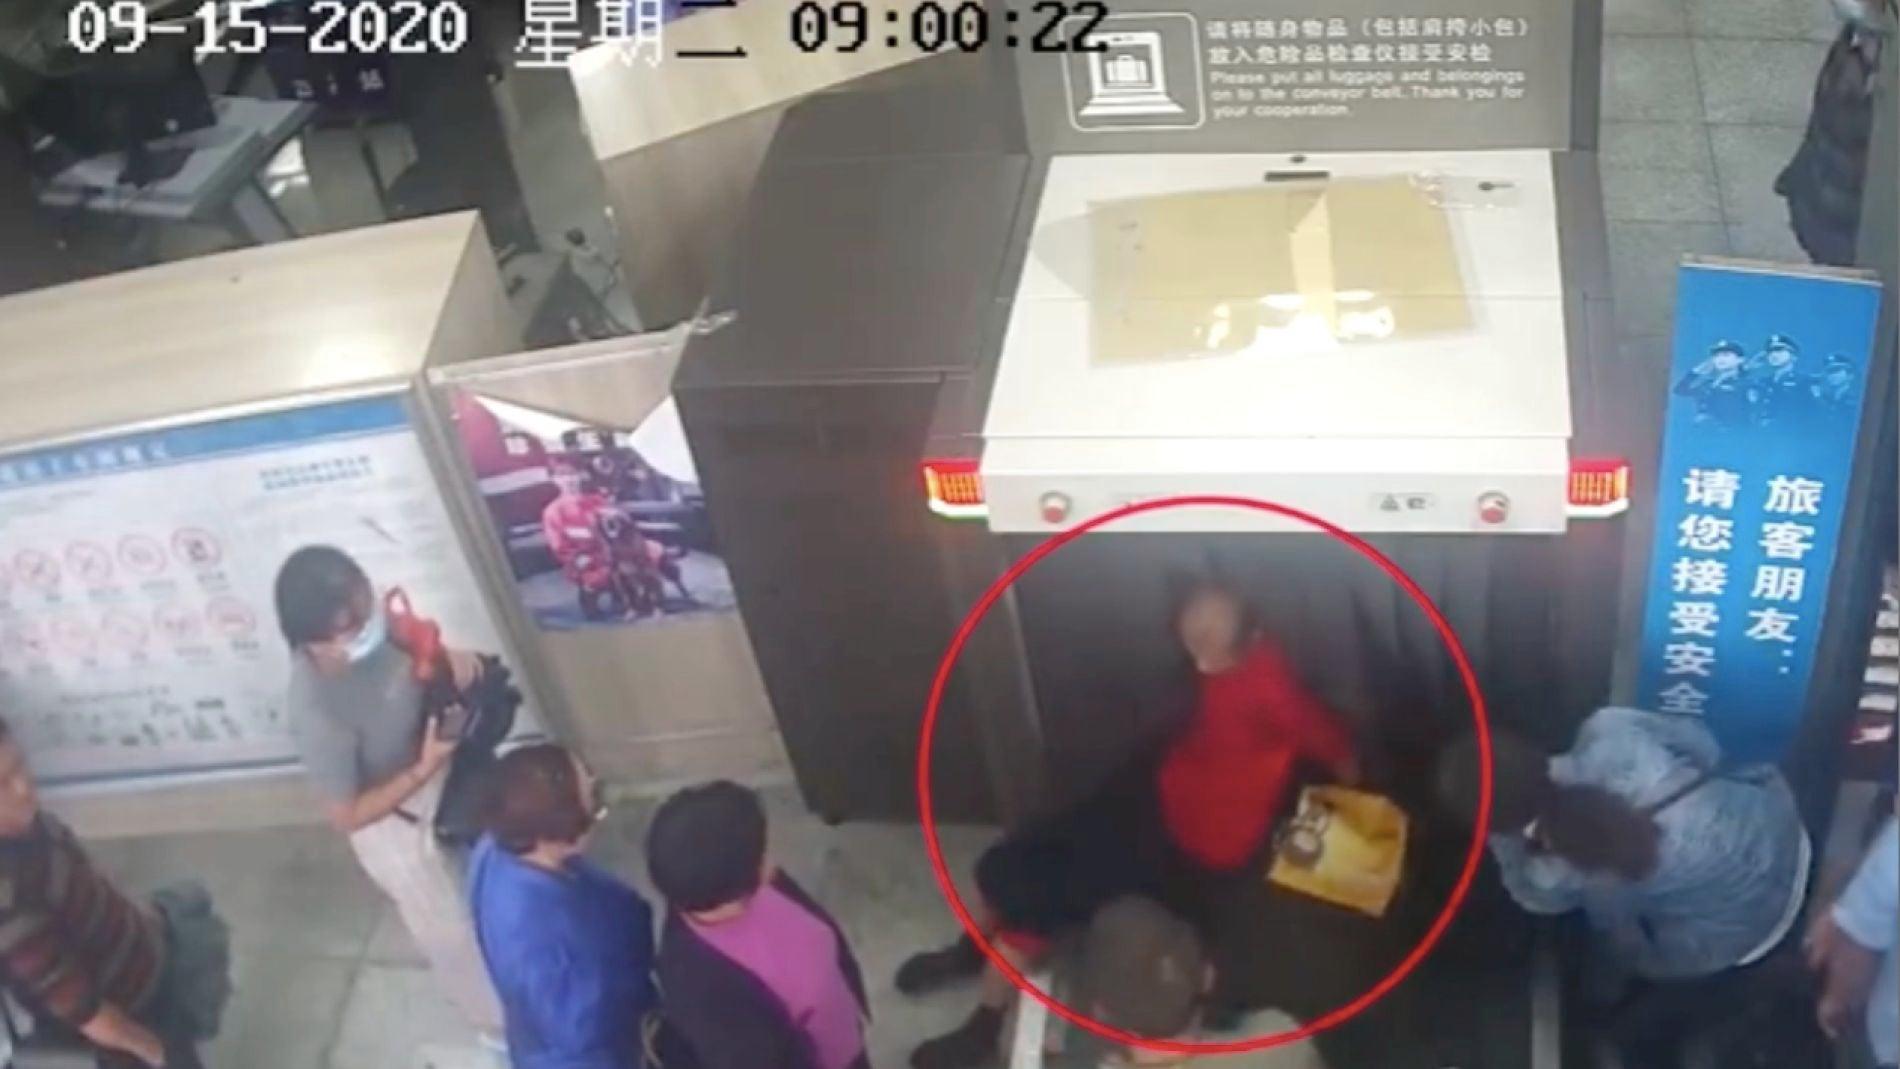 Un hombre se salta la cola subiendo a la cinta de equipaje